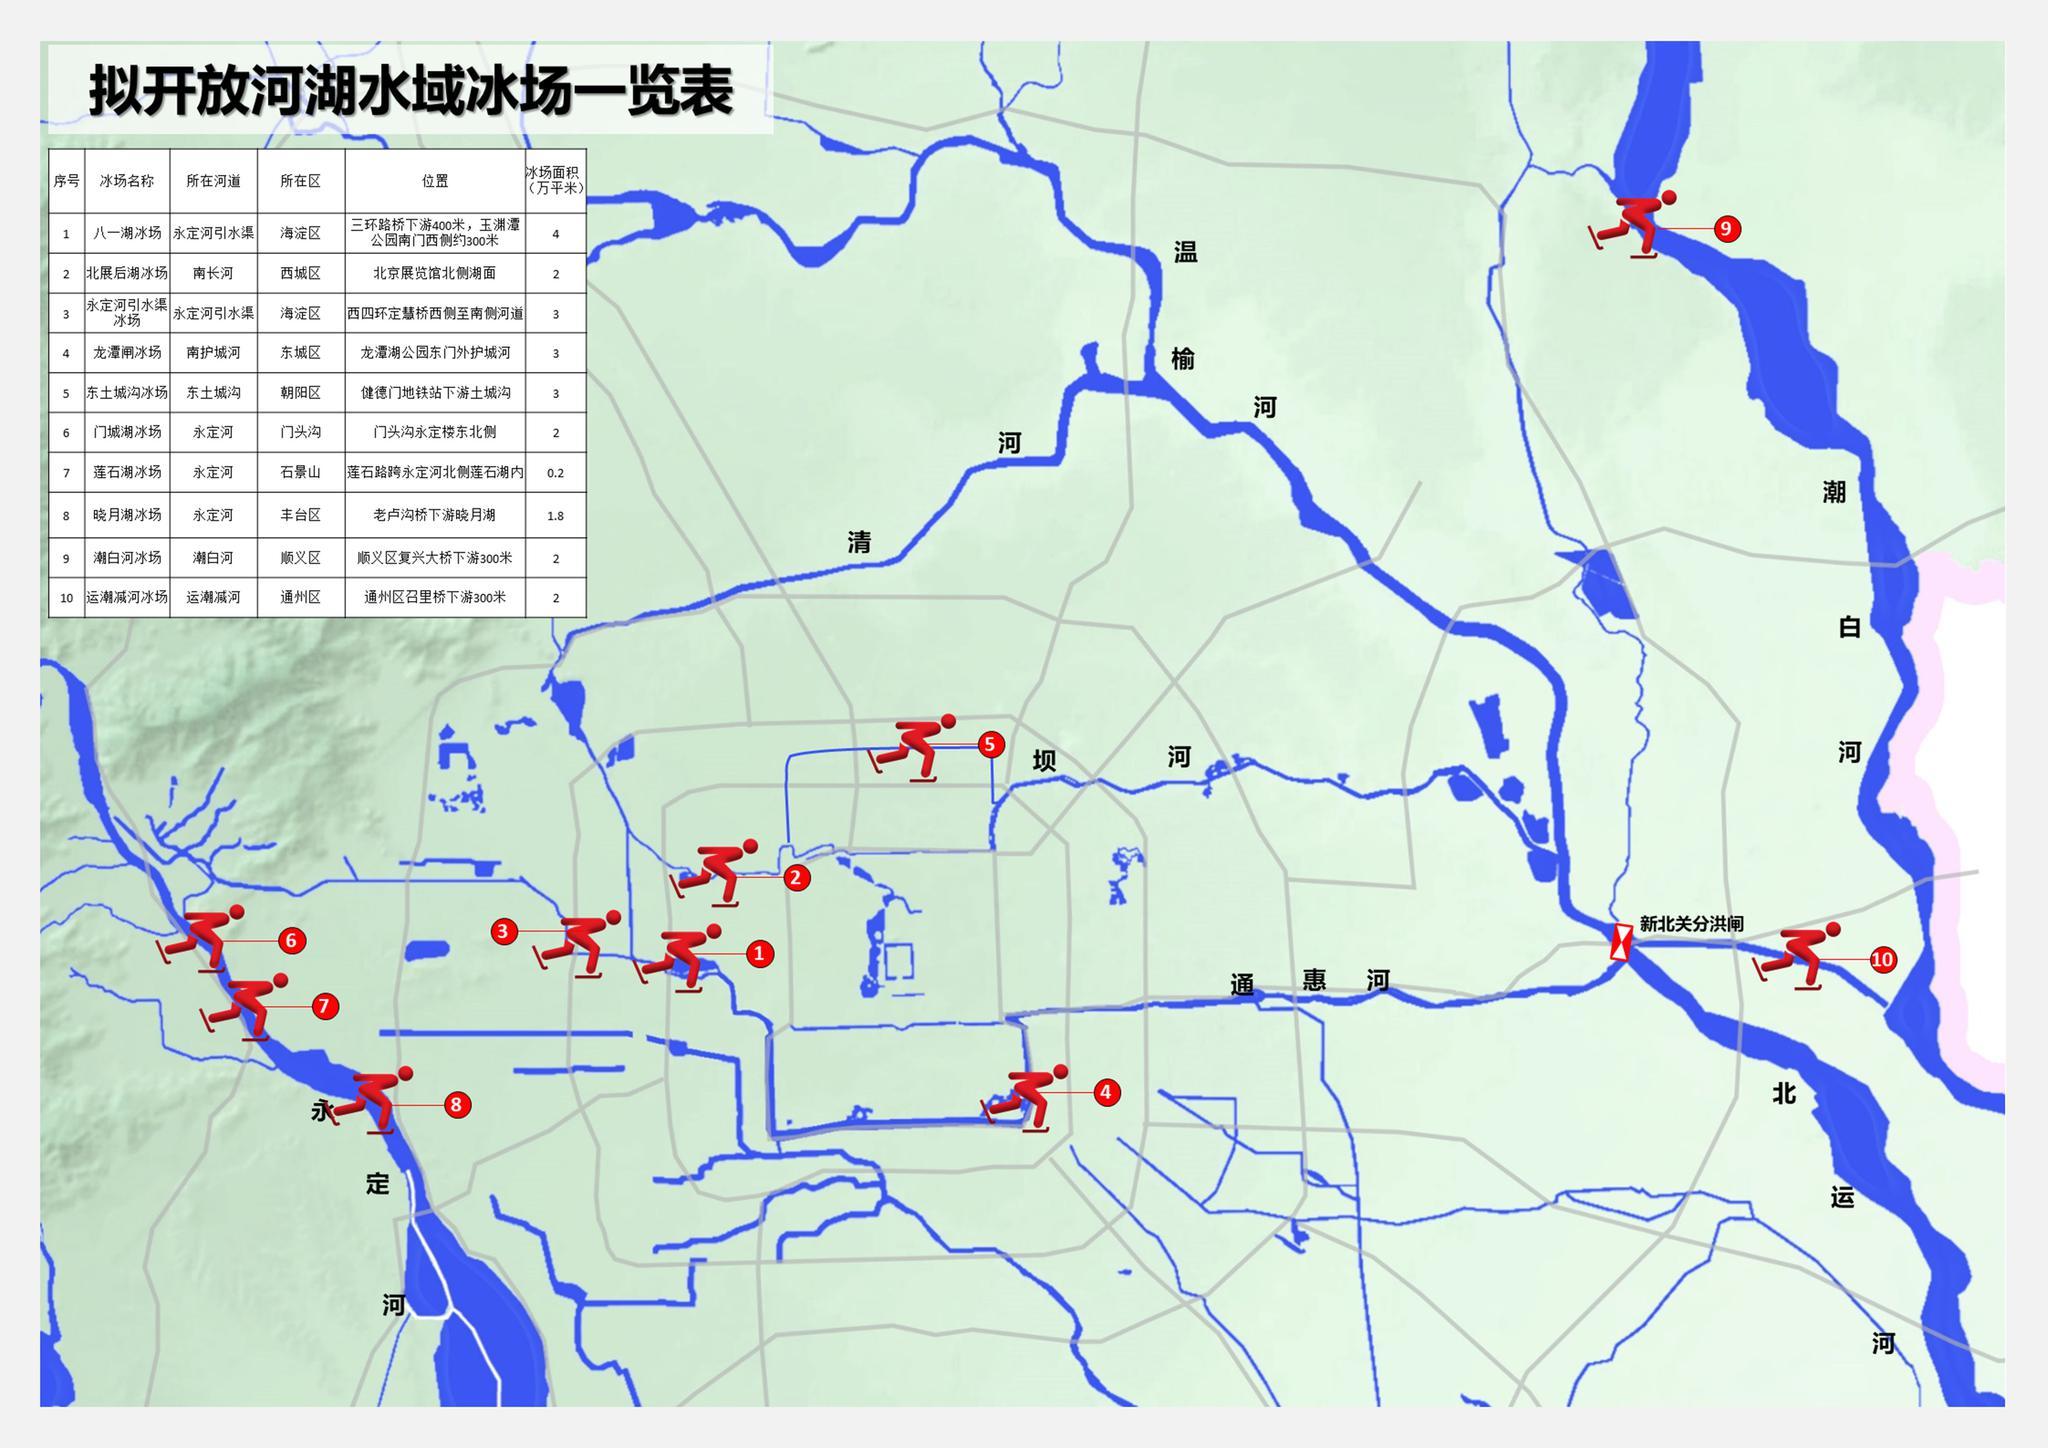 北京将新开10处市级河湖水域冰场图片